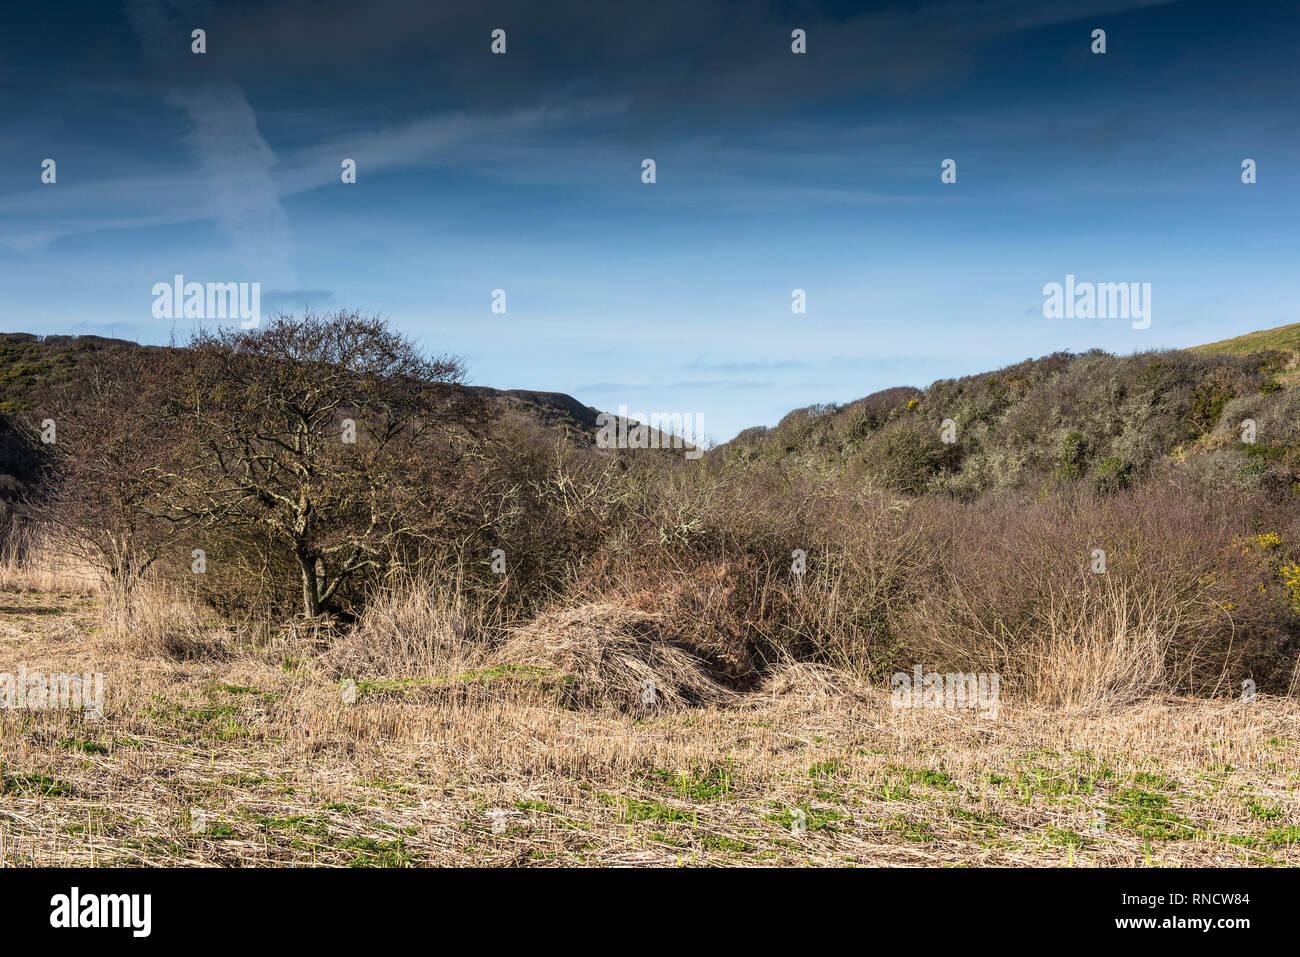 Un lecho de juncos Phragmites australis, que ha sido recortado para fomentar un nuevo crecimiento en el valle oculto que conducen hasta la apartada Porth Mear Cove en Imagen De Stock